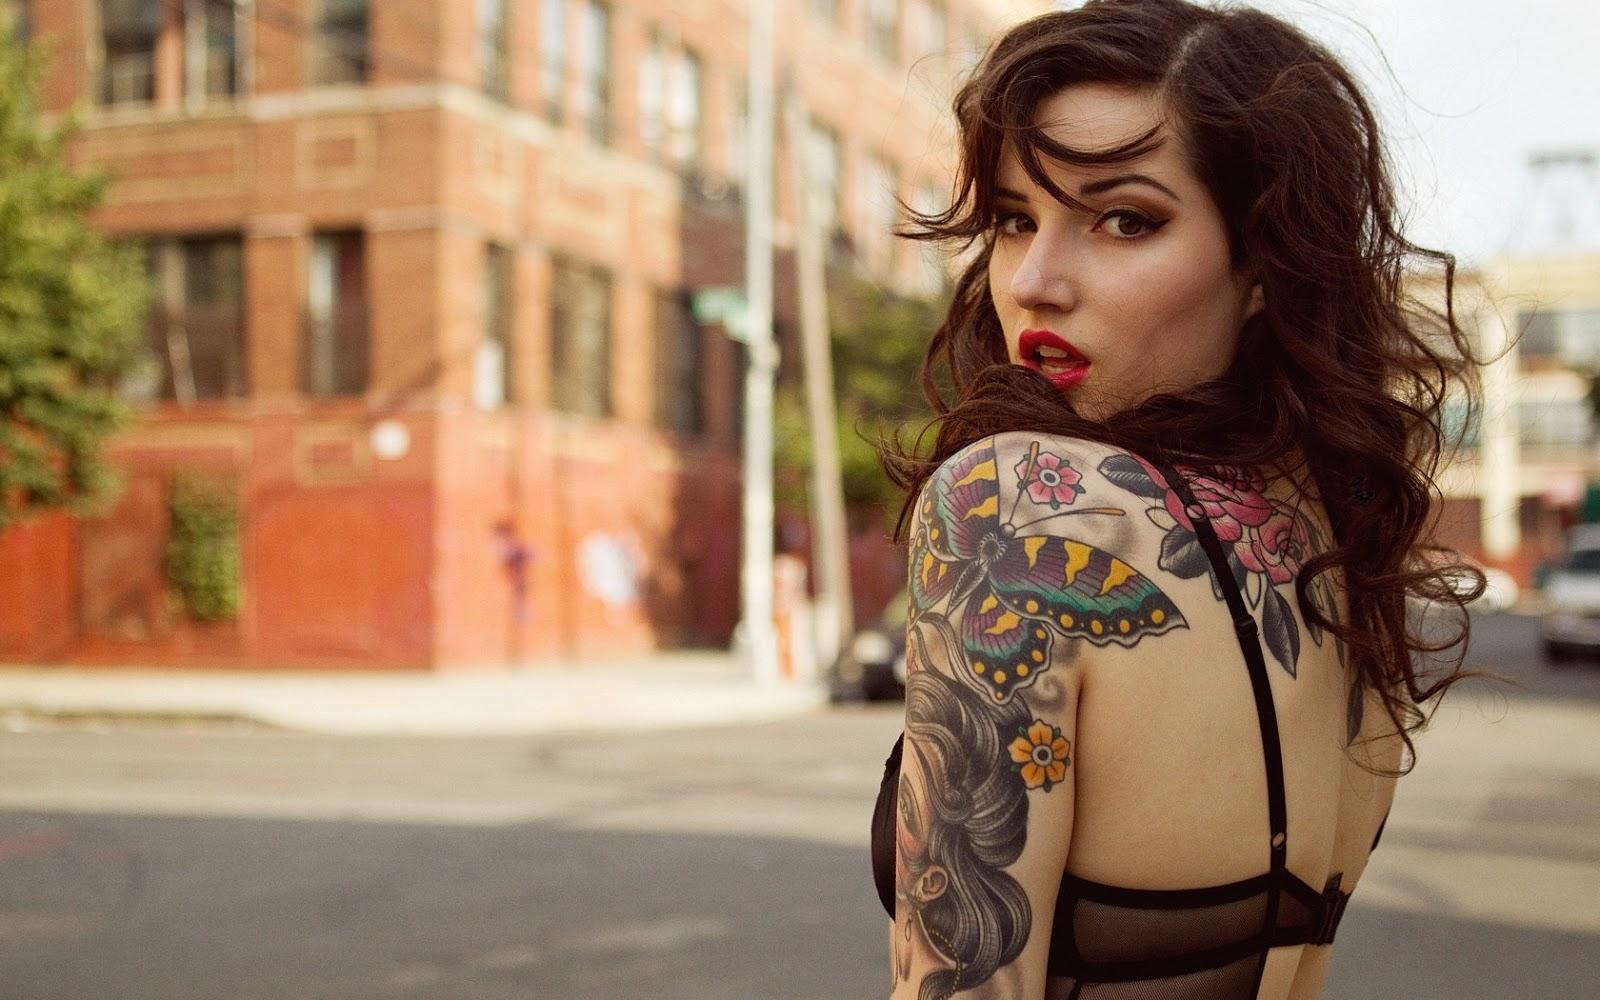 Tattooed Women Wallpaper